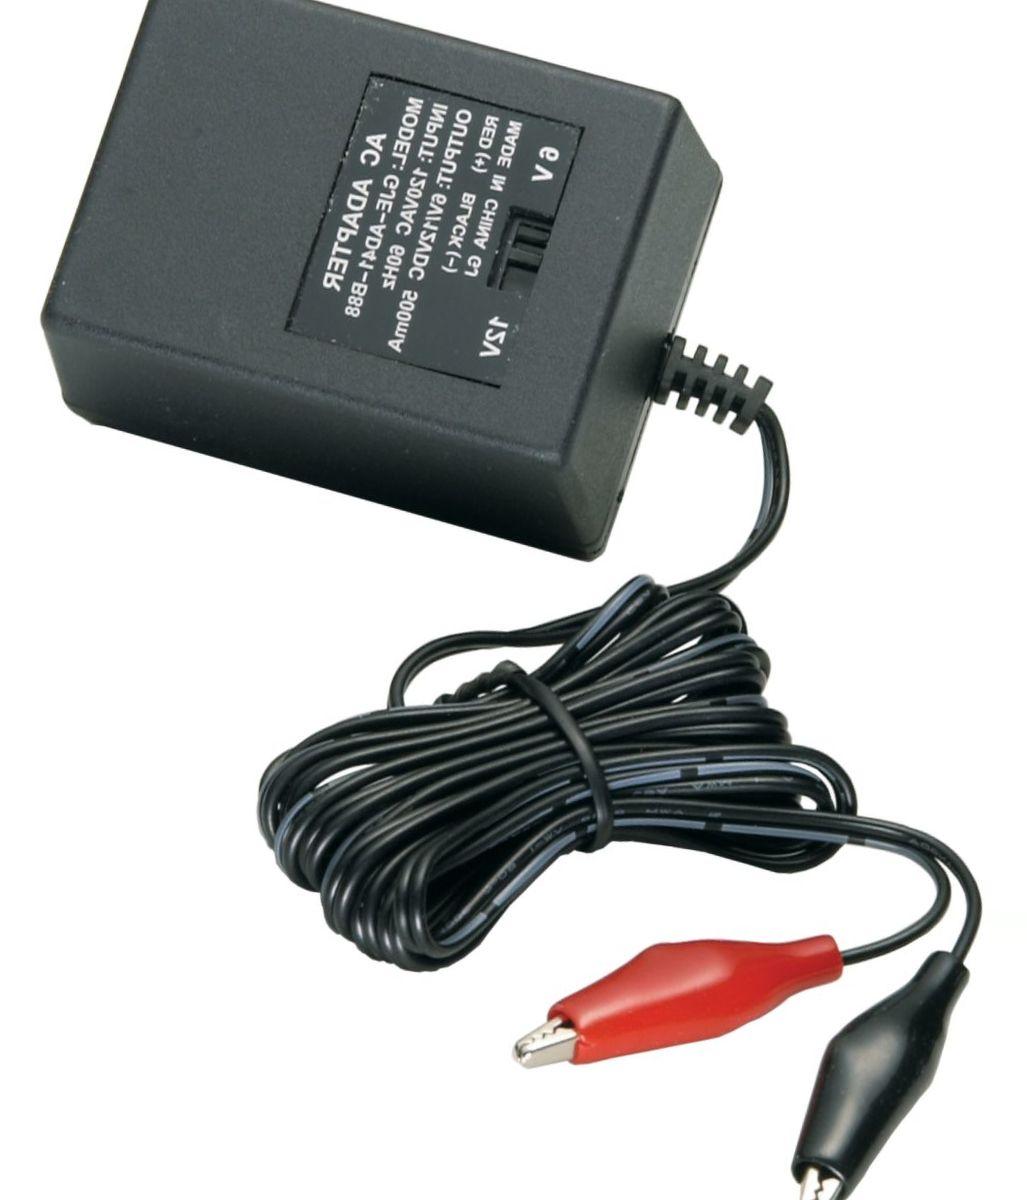 American Hunter 6-/12-Volt /110 V Outlet Charger